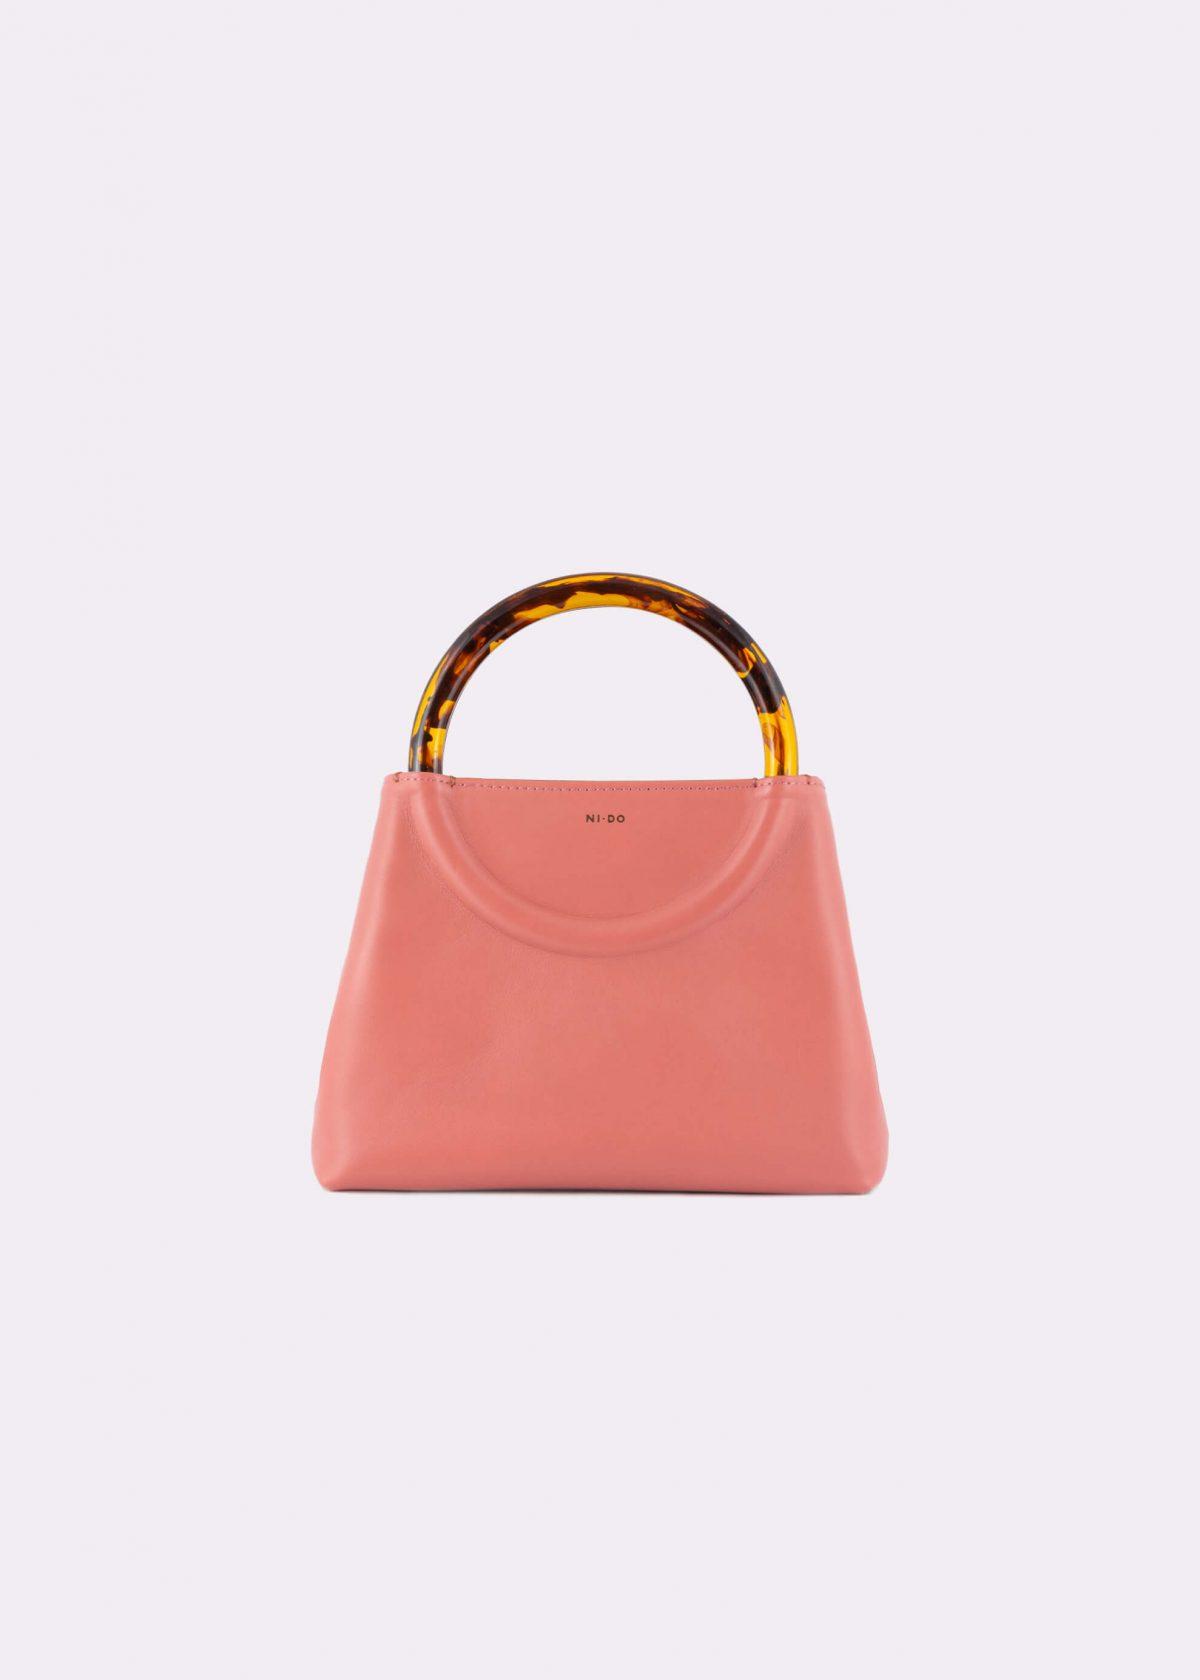 NIDO-Bolla_Mini-bag-blush_front view